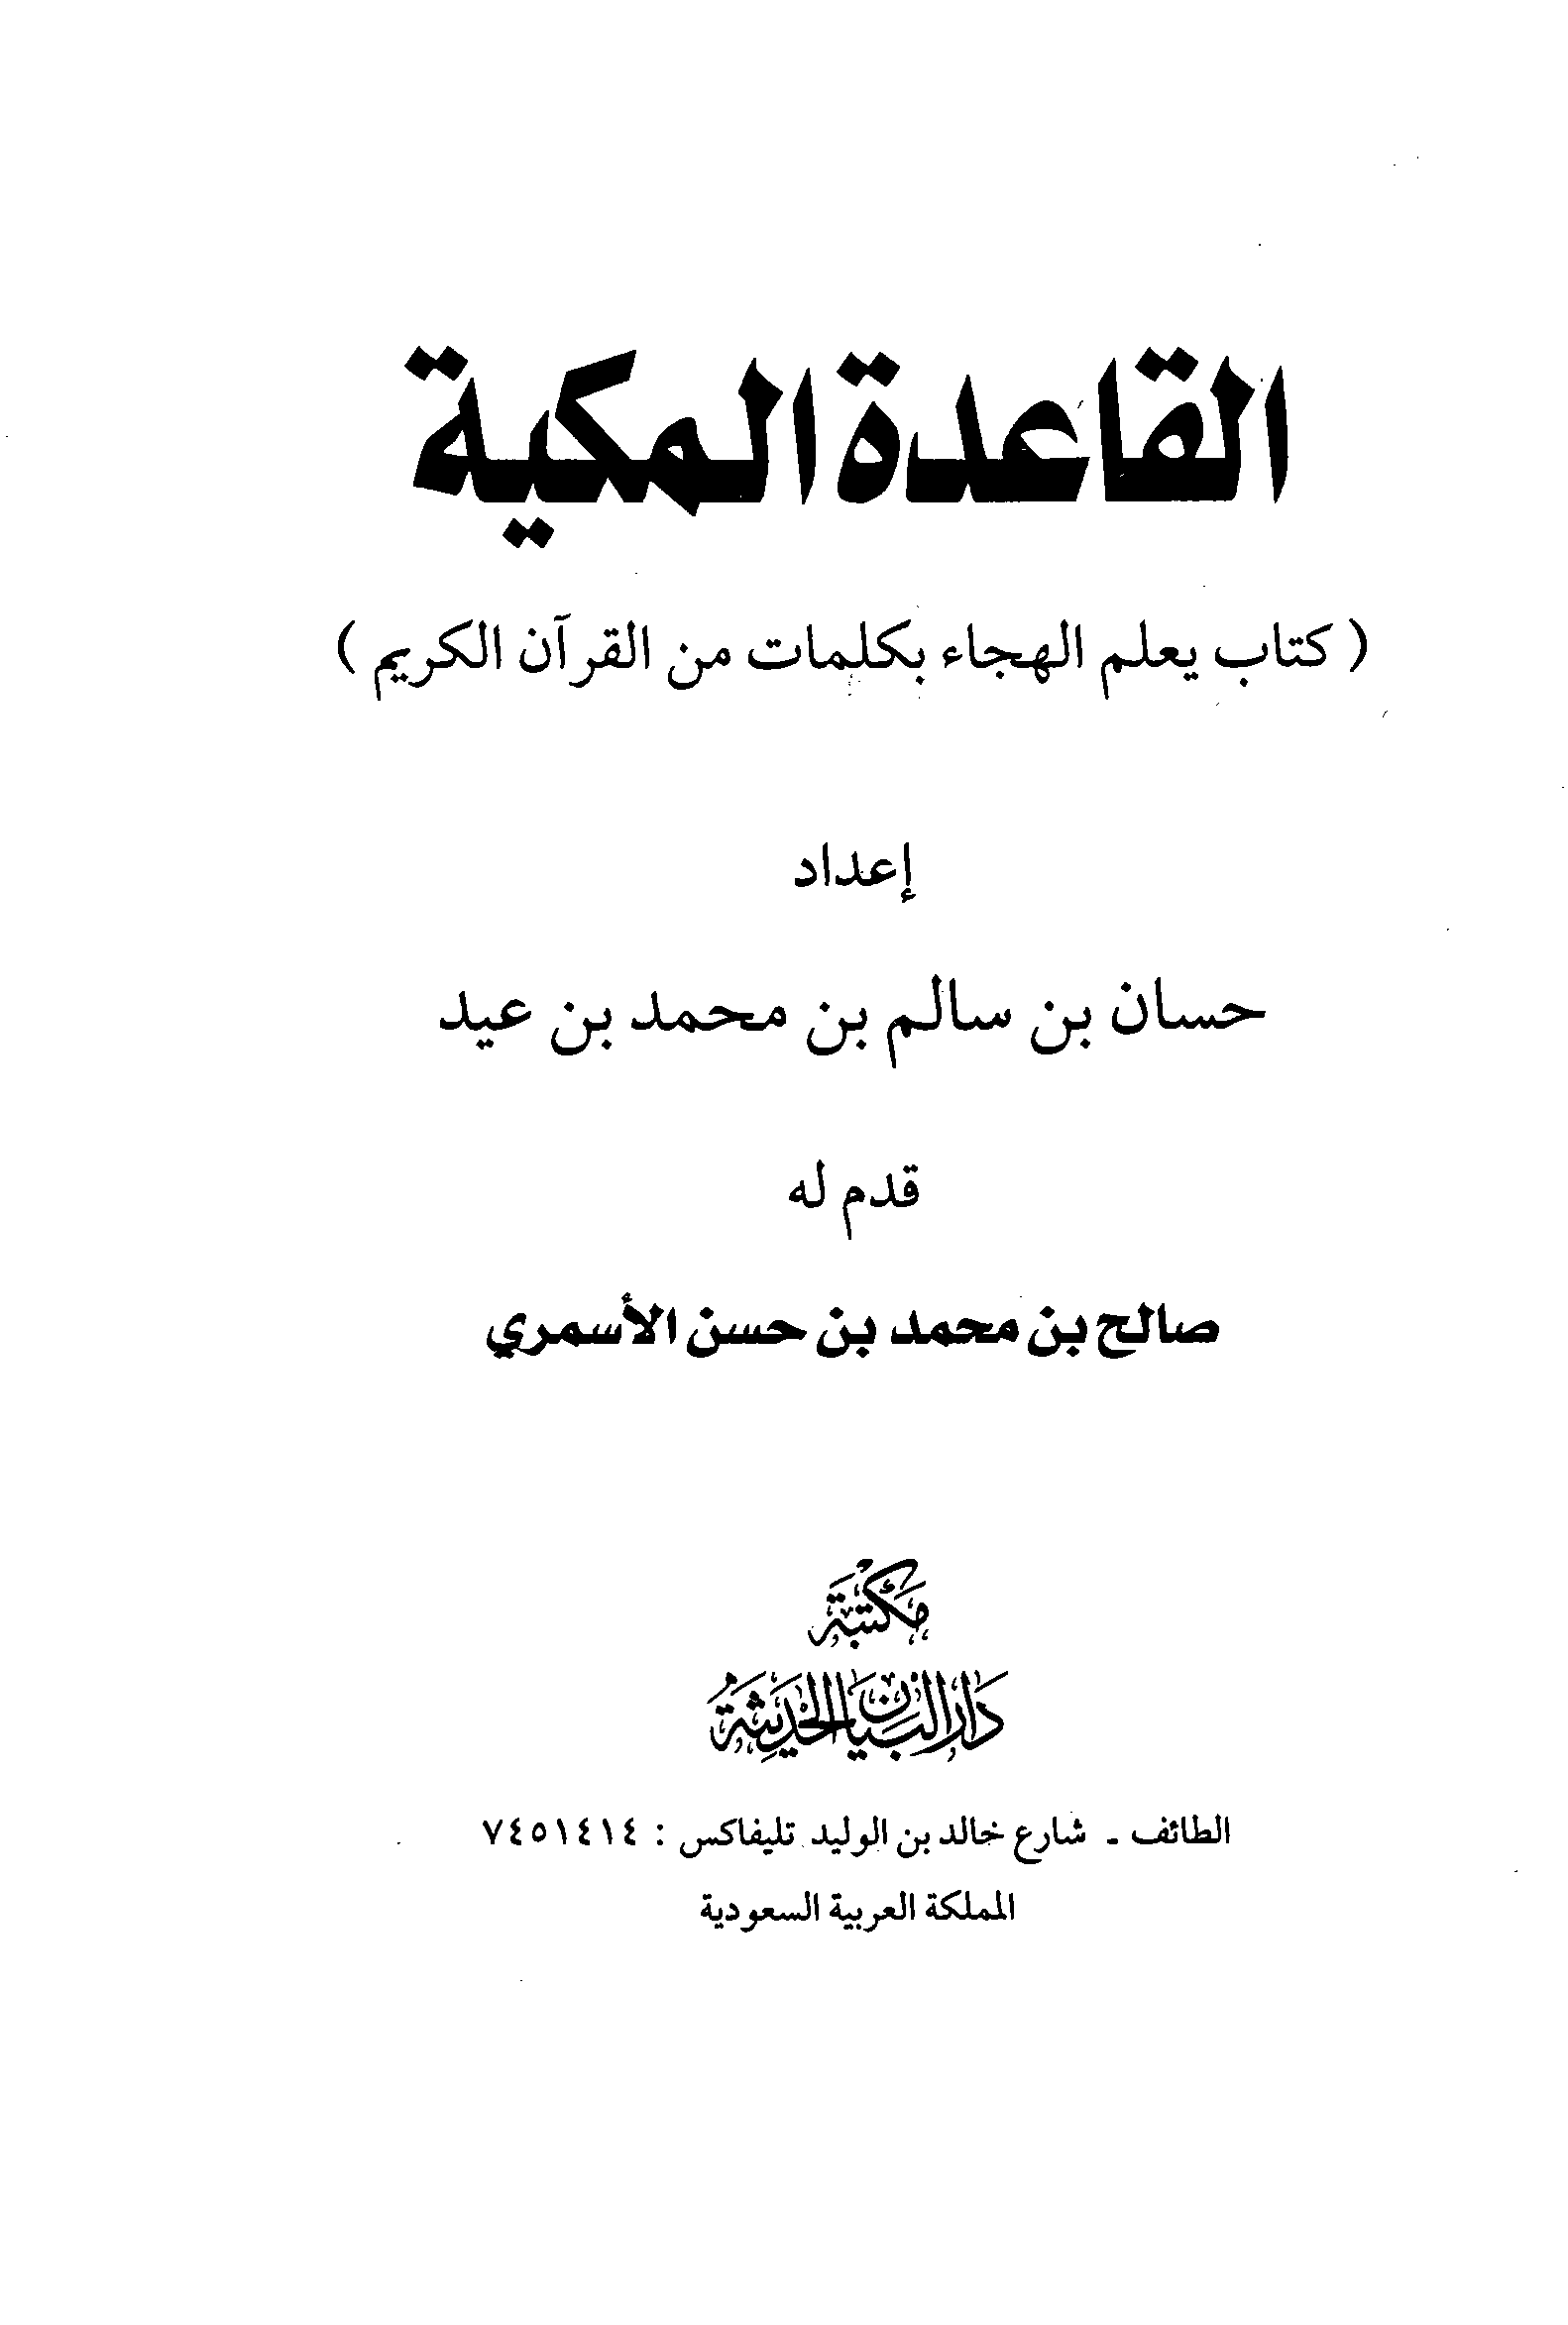 تحميل كتاب القاعدة المكية (حسان عيد) لـِ: حسان بن سالم بن محمد بن عيد